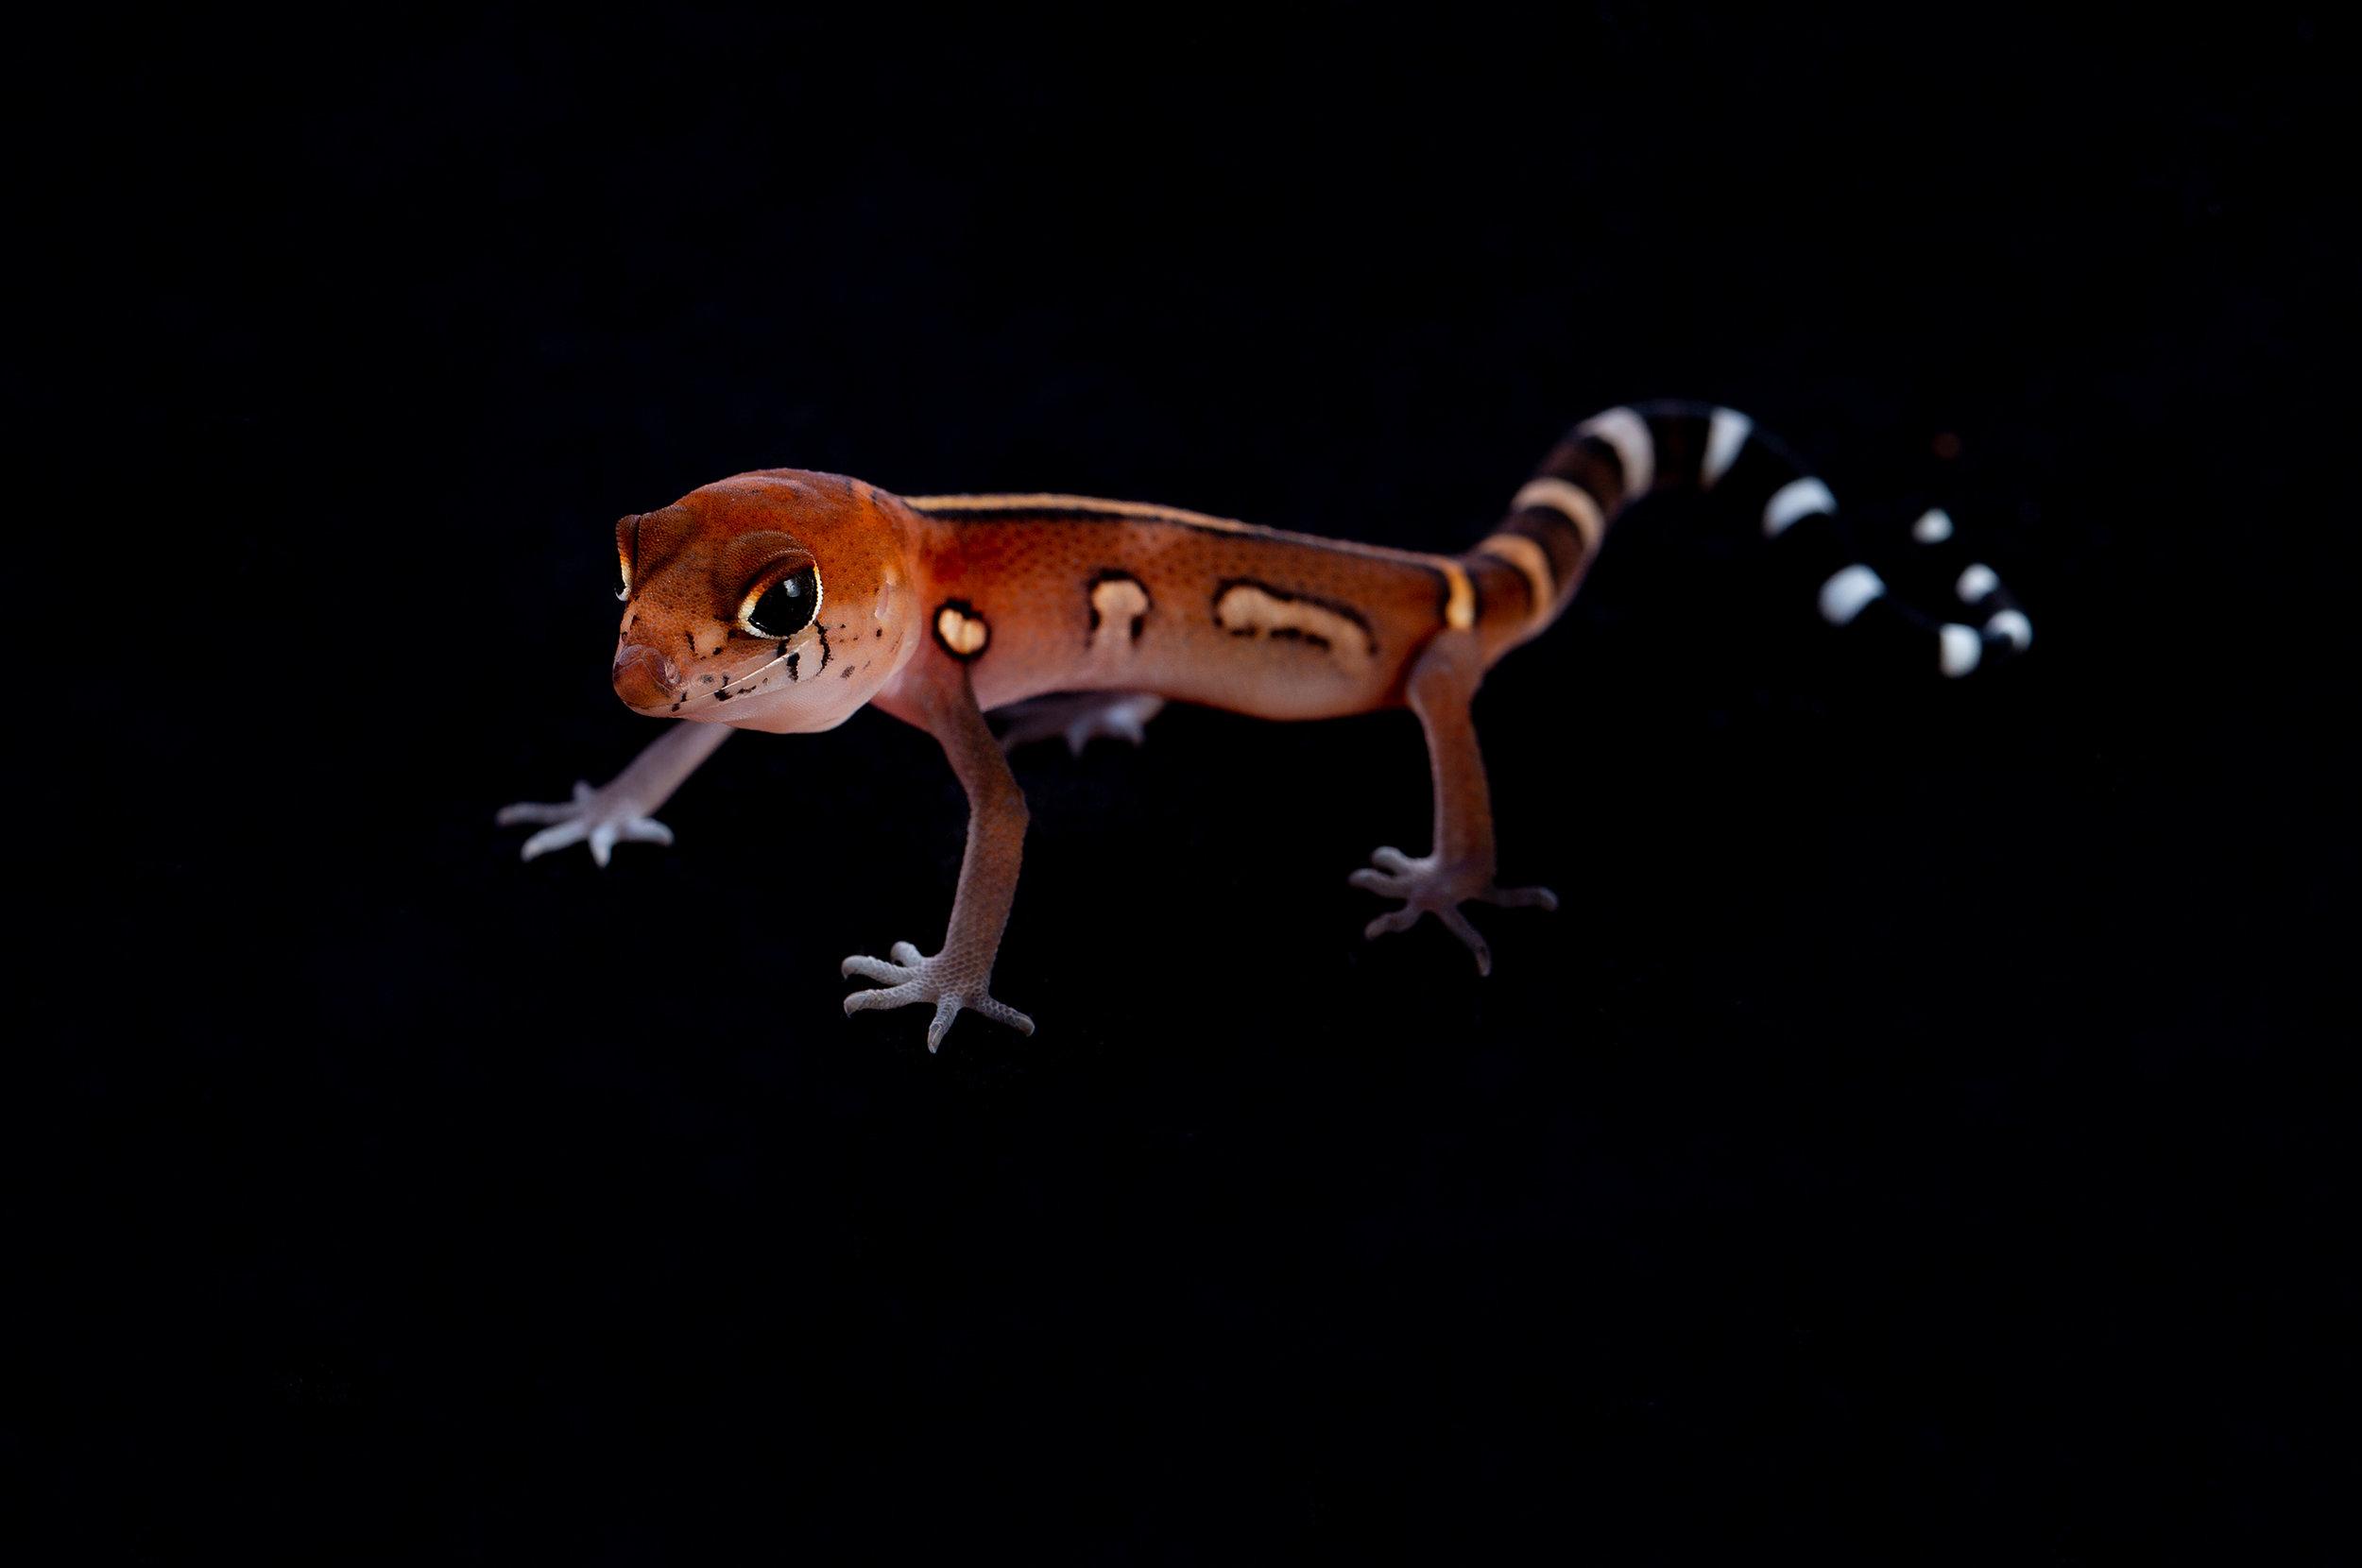 Hatchling C. elegans